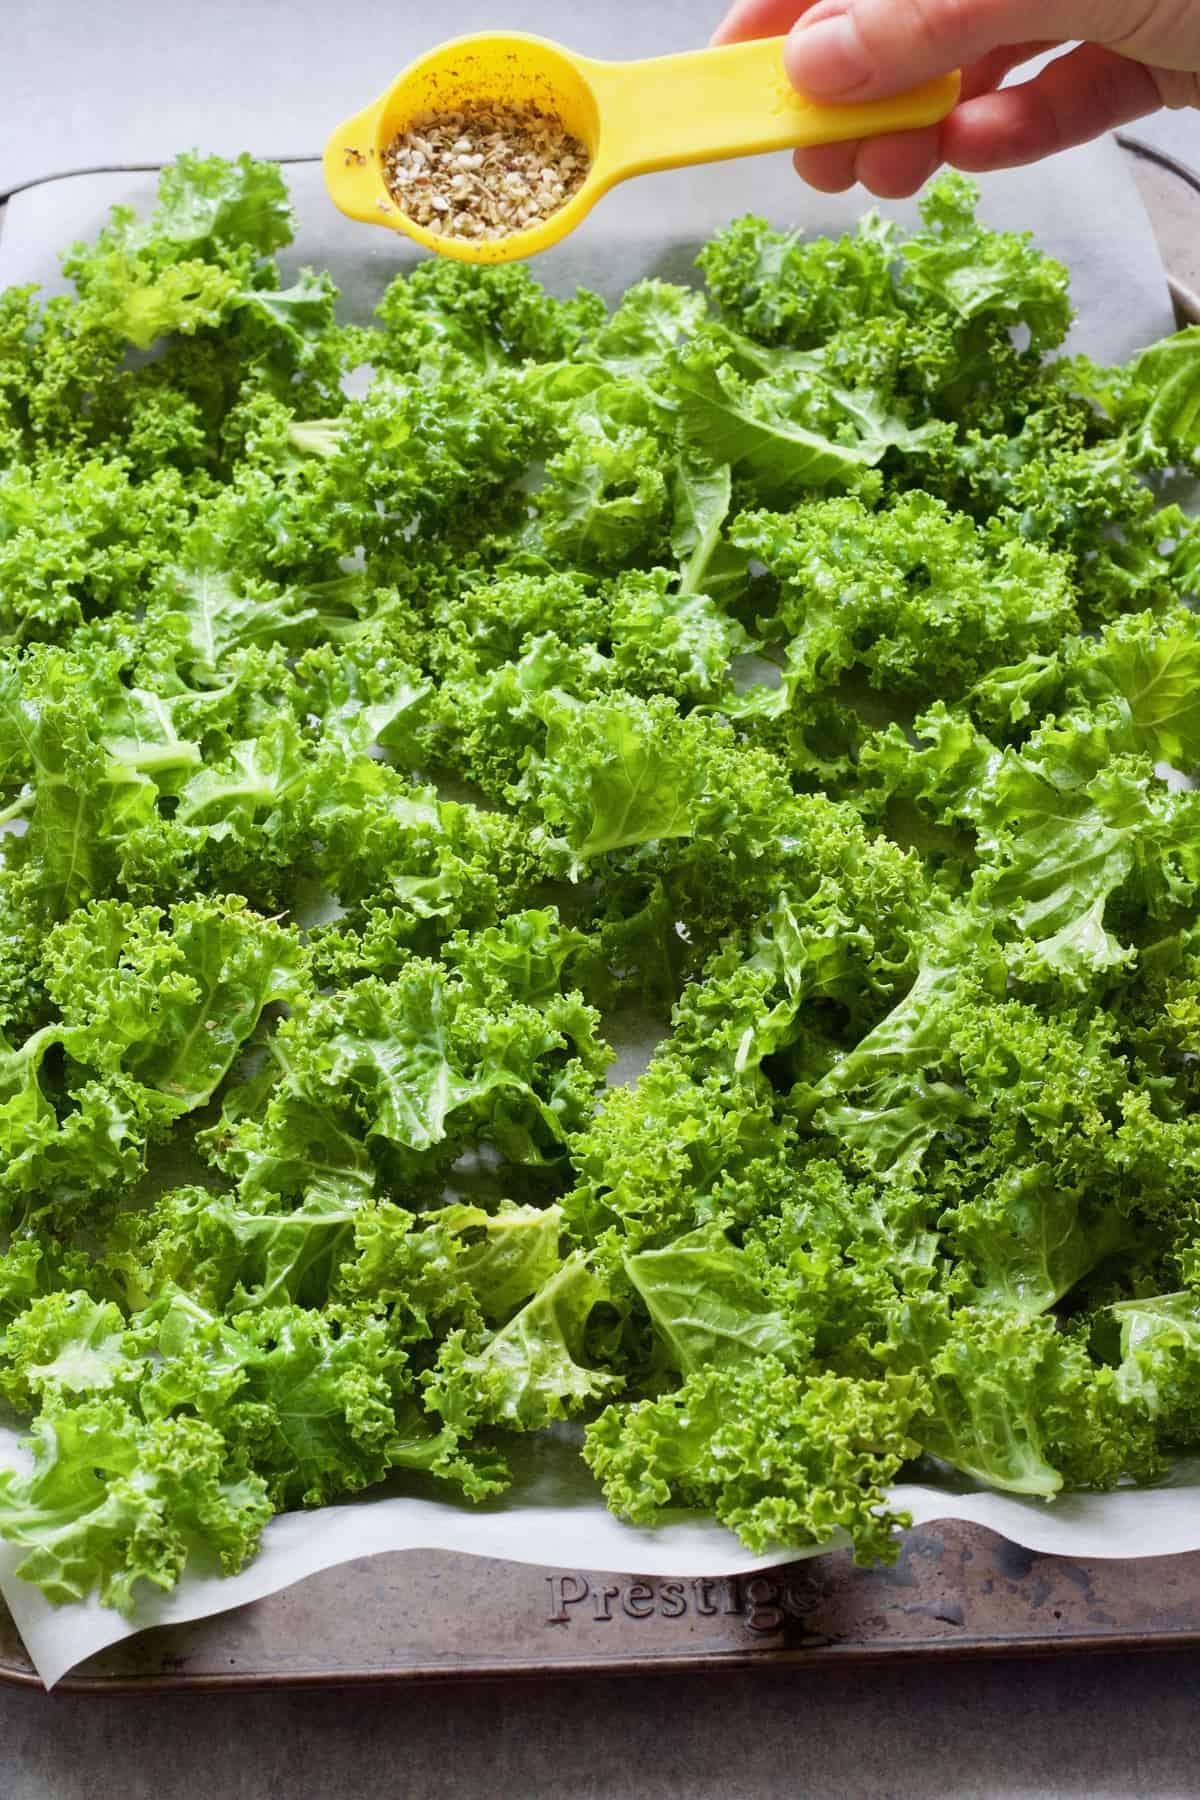 Sprinkling seasoning over kale leaves.